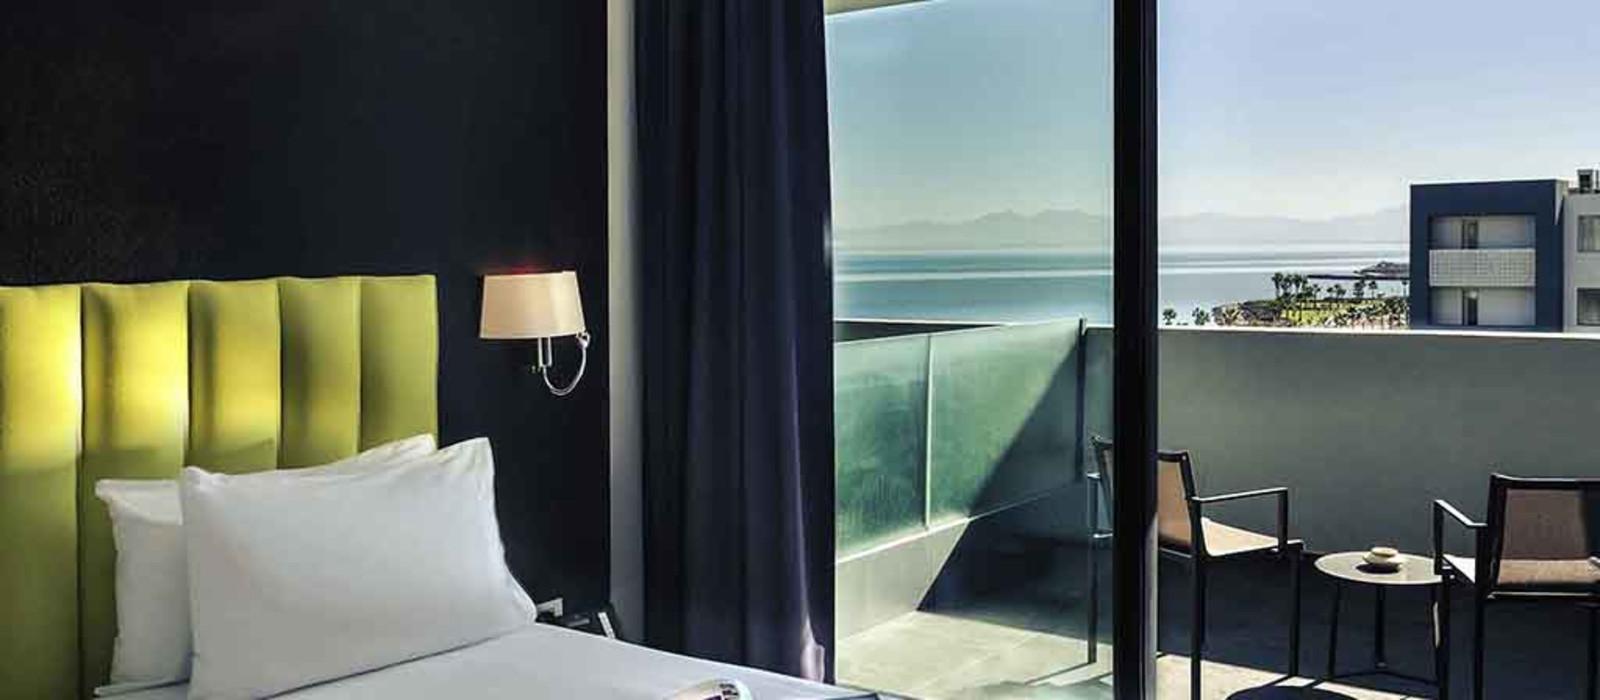 Hotel Mercure Nador Rif Marokko